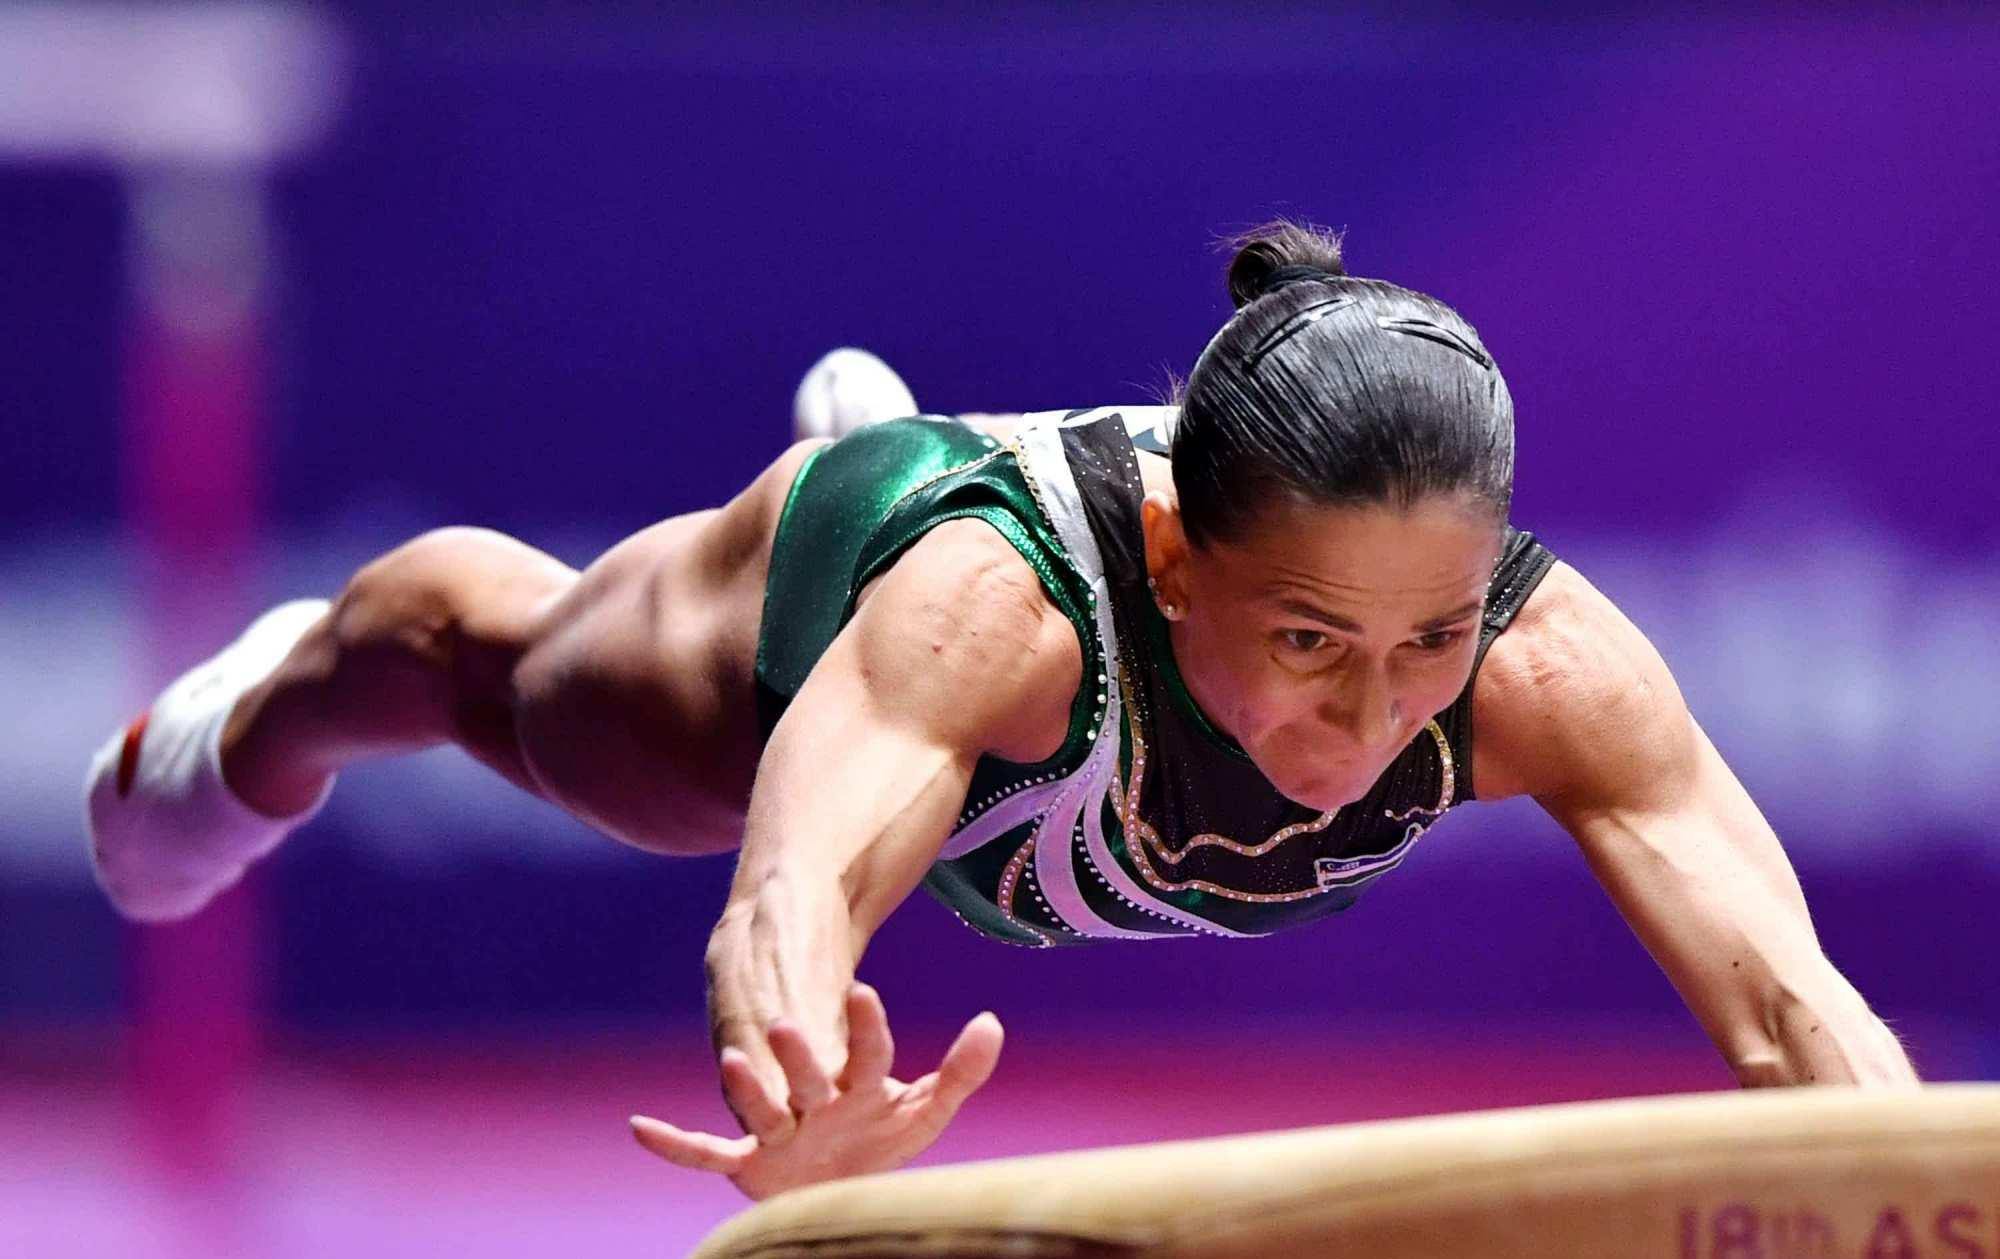 泪目!44岁体操老将继续出征世锦赛,立志为国争夺奥运会资格